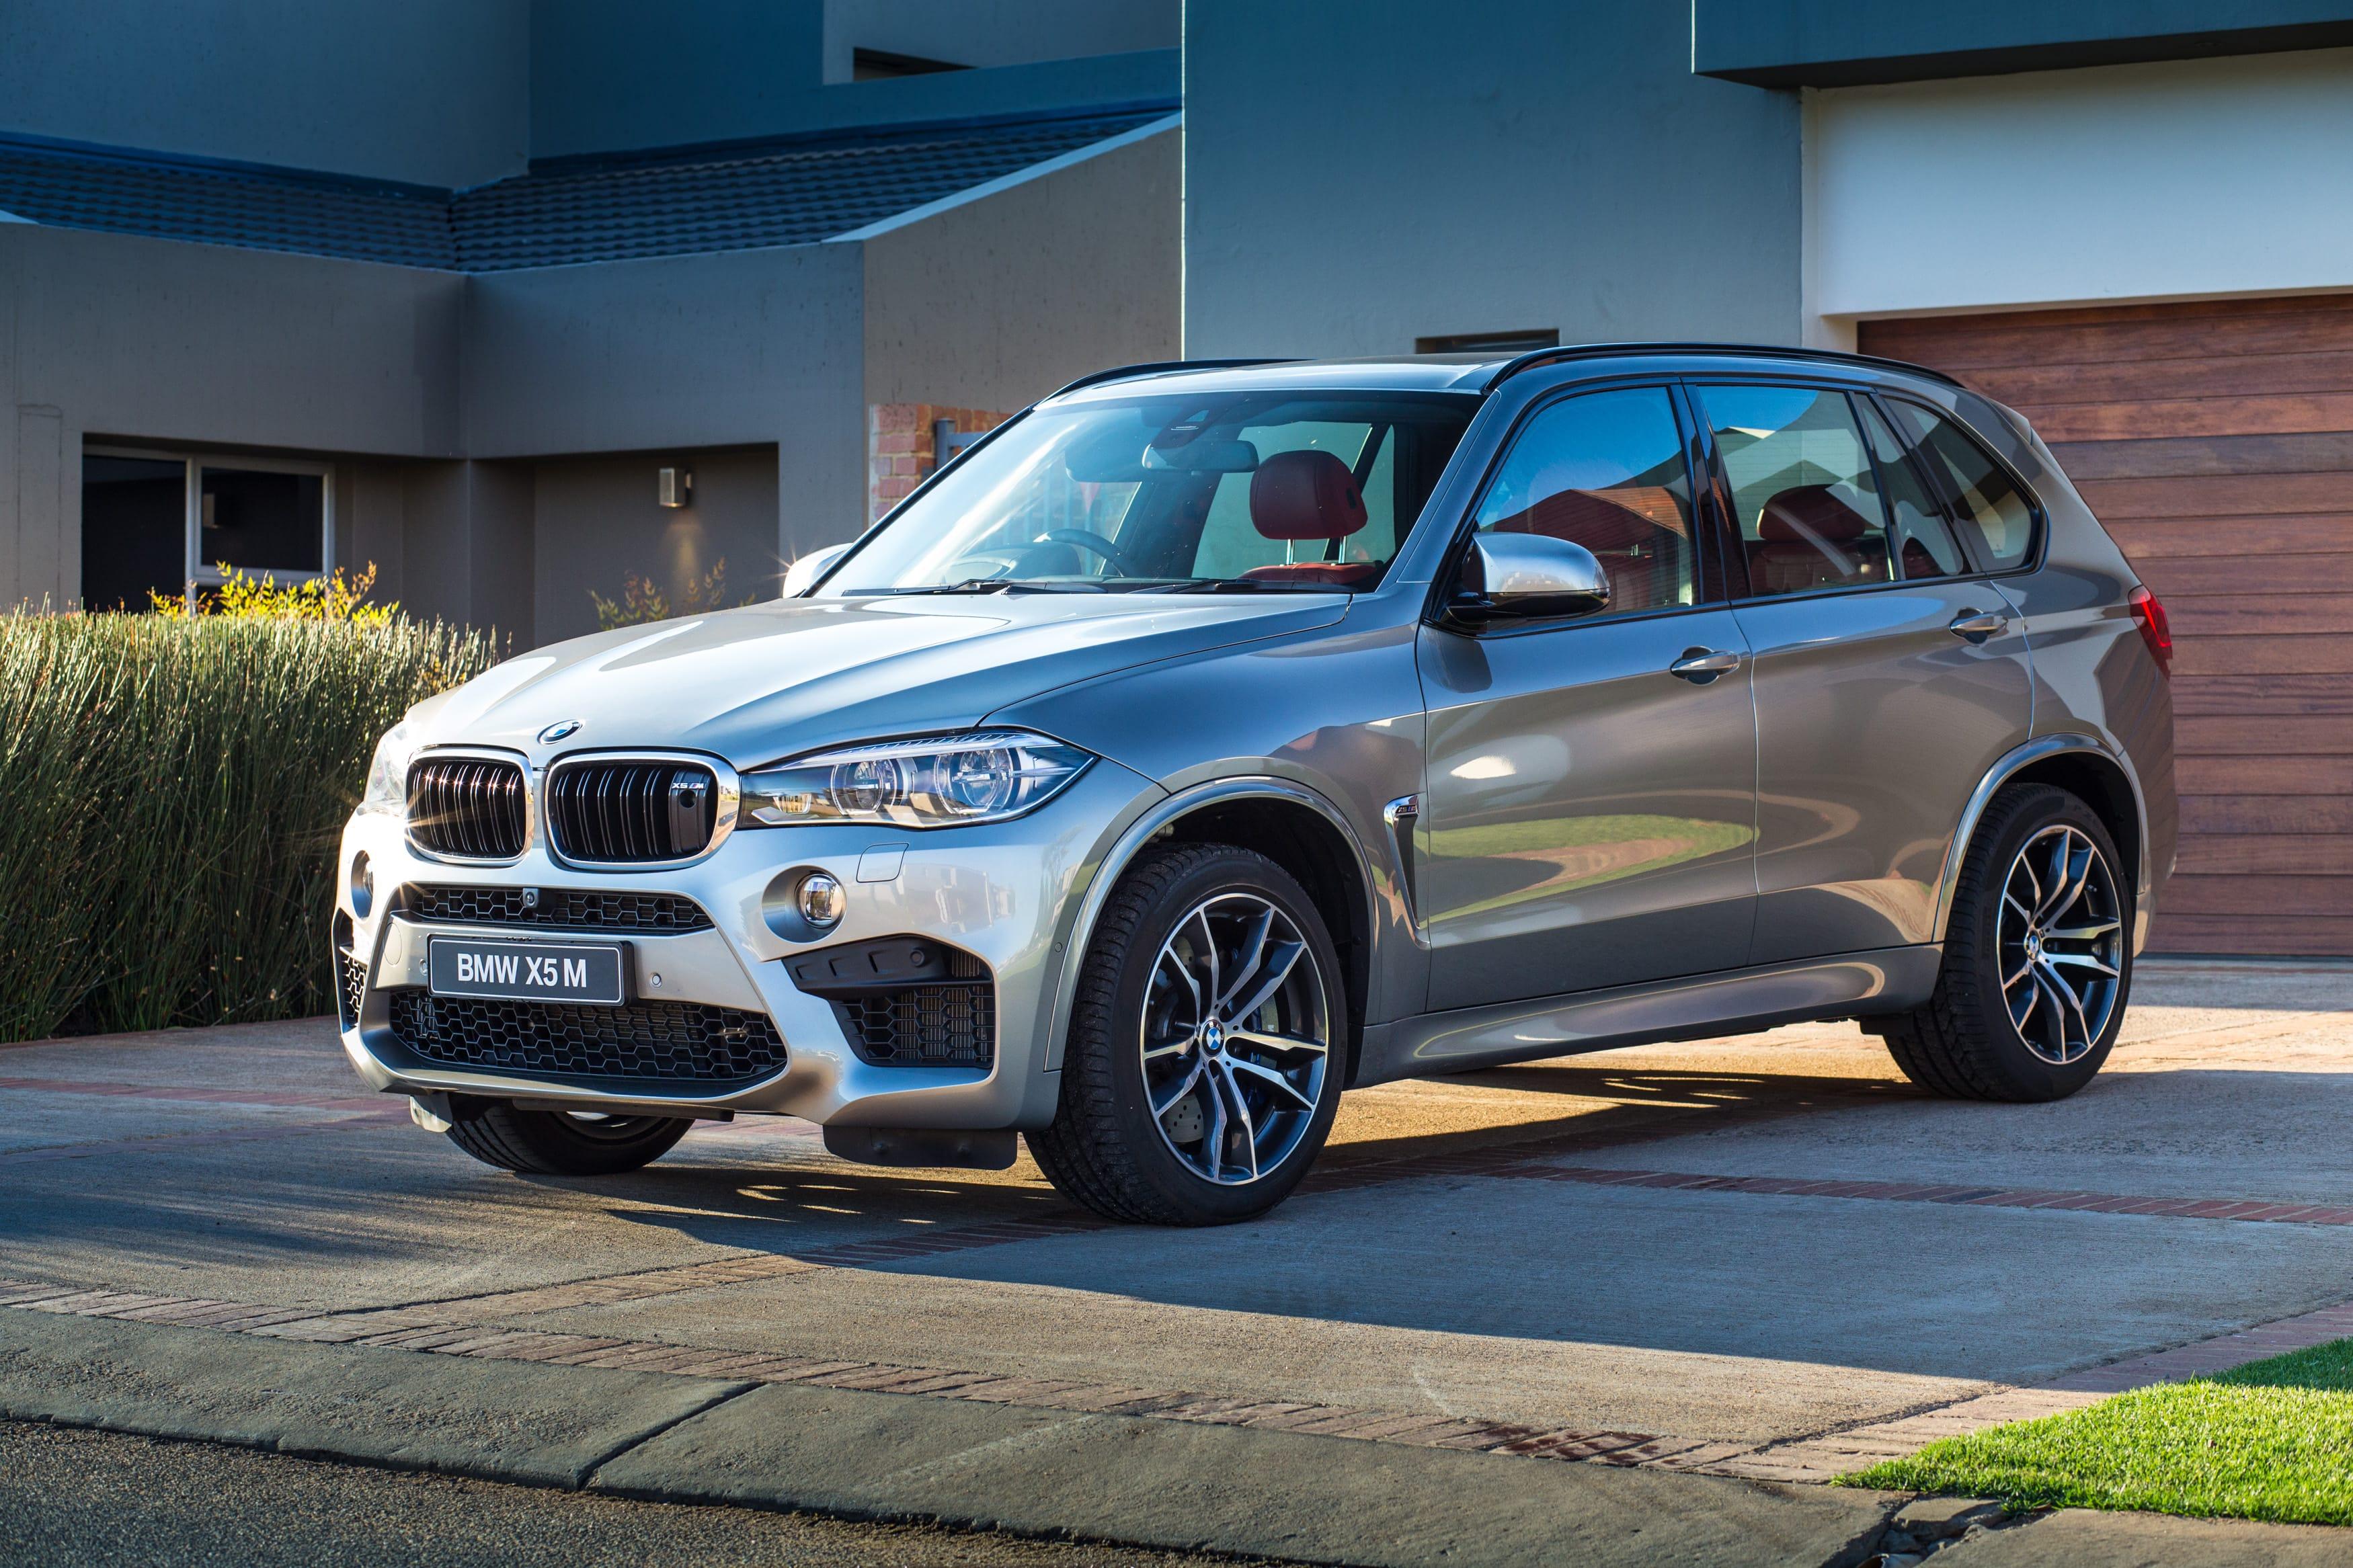 BMW X5M (F85) Background